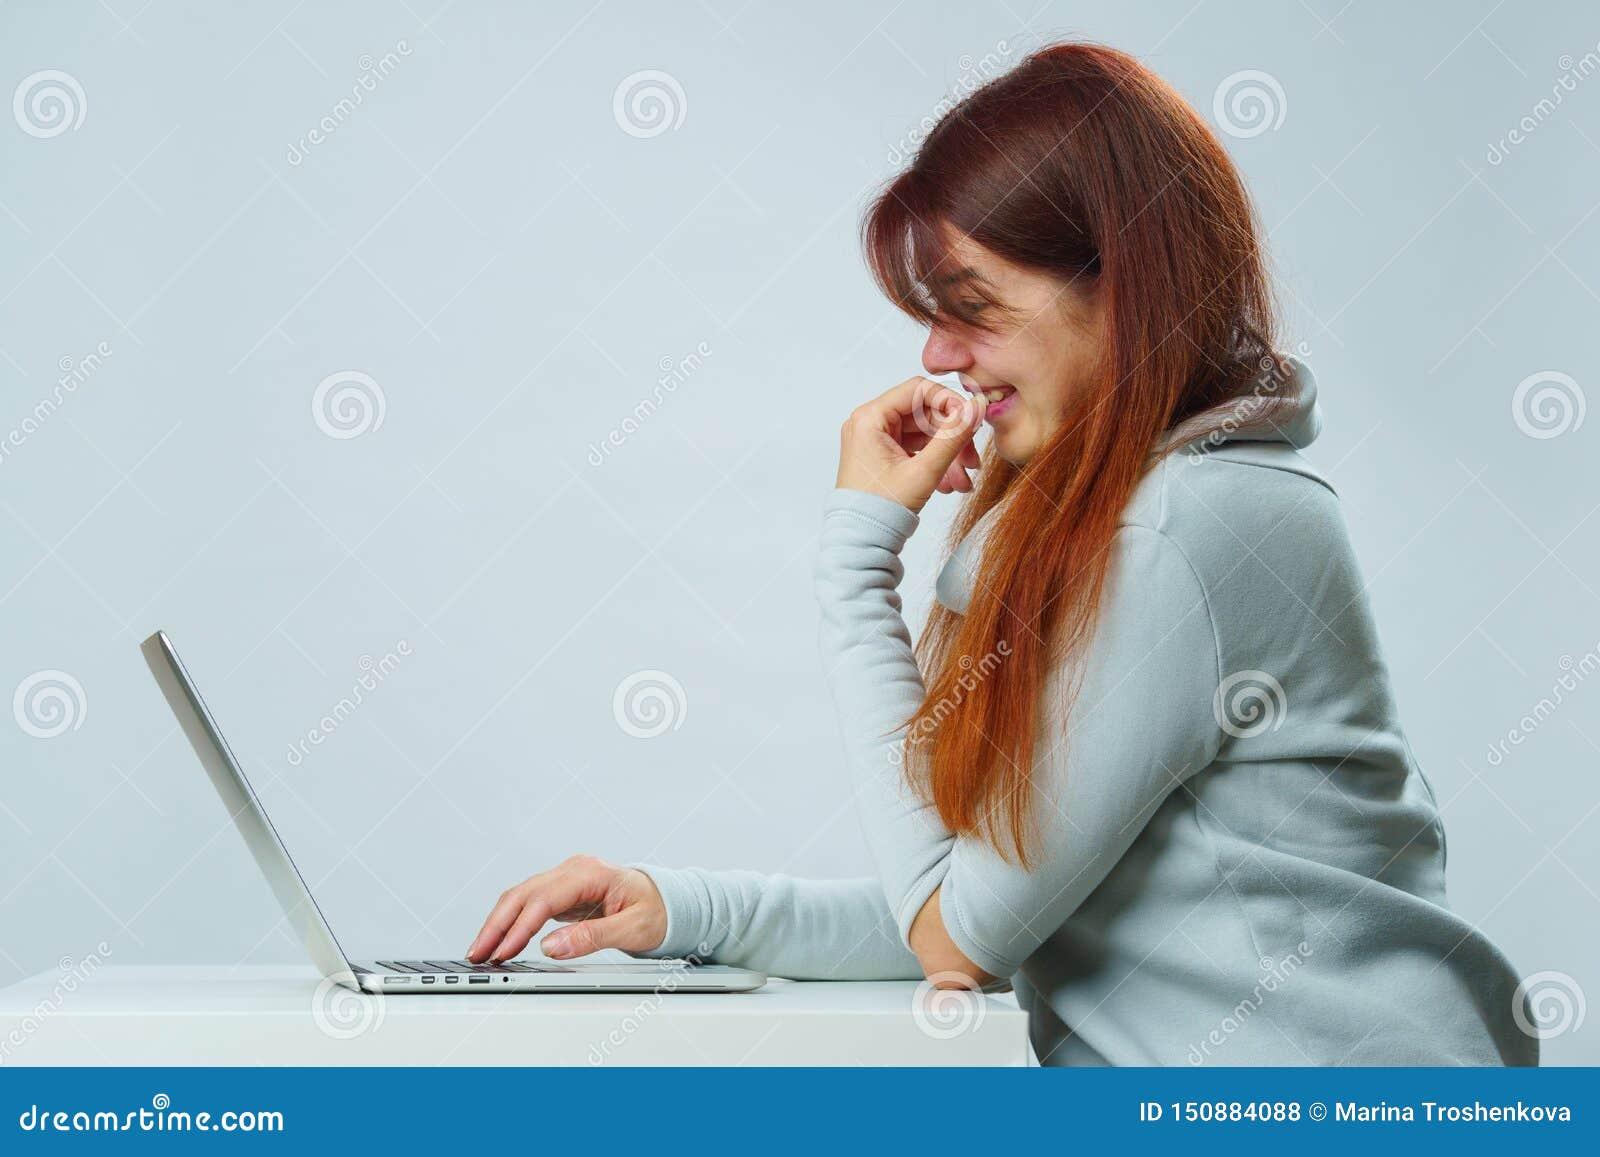 De vrouw gebruikt laptop voor mededeling in praatje of videopraatje Sociaal media concept